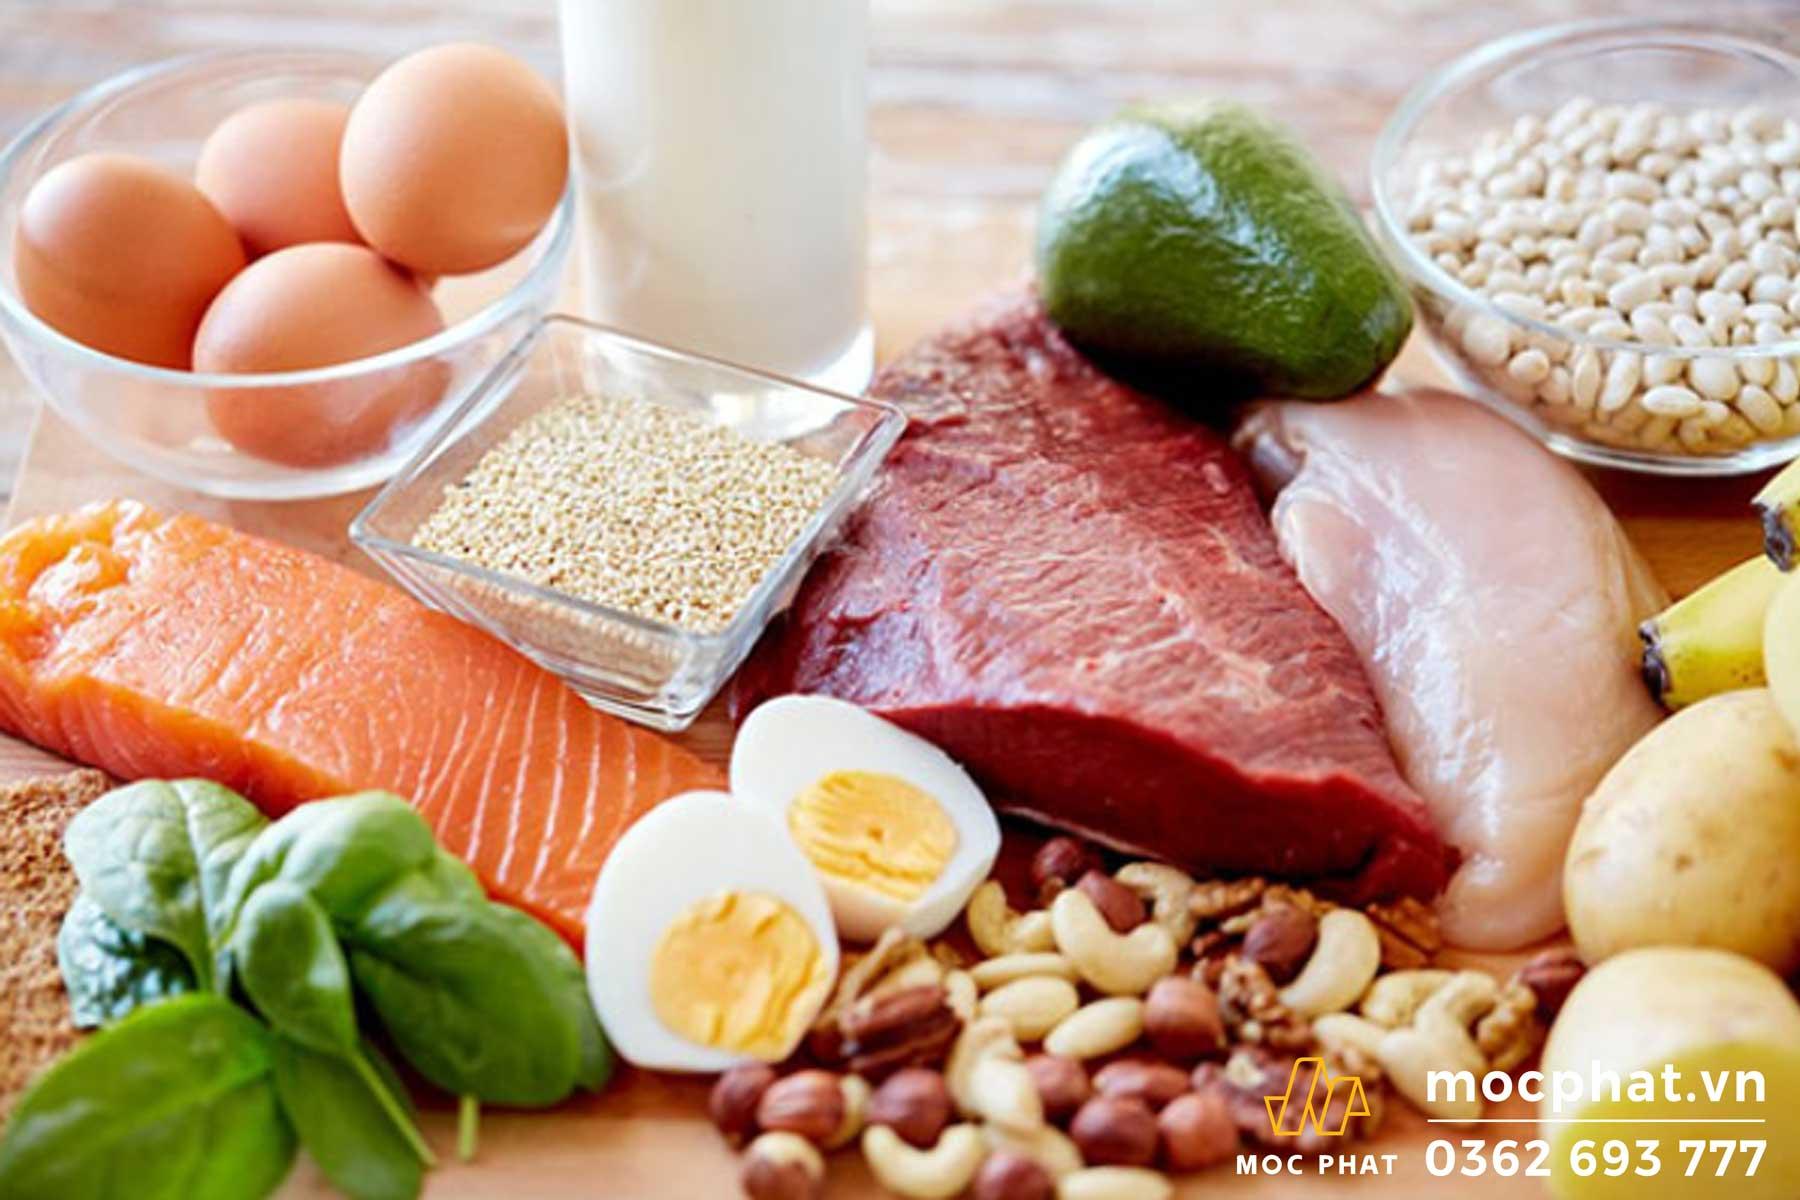 Bổ sung thực phẩm có hàm lượng protein và vitamin cao